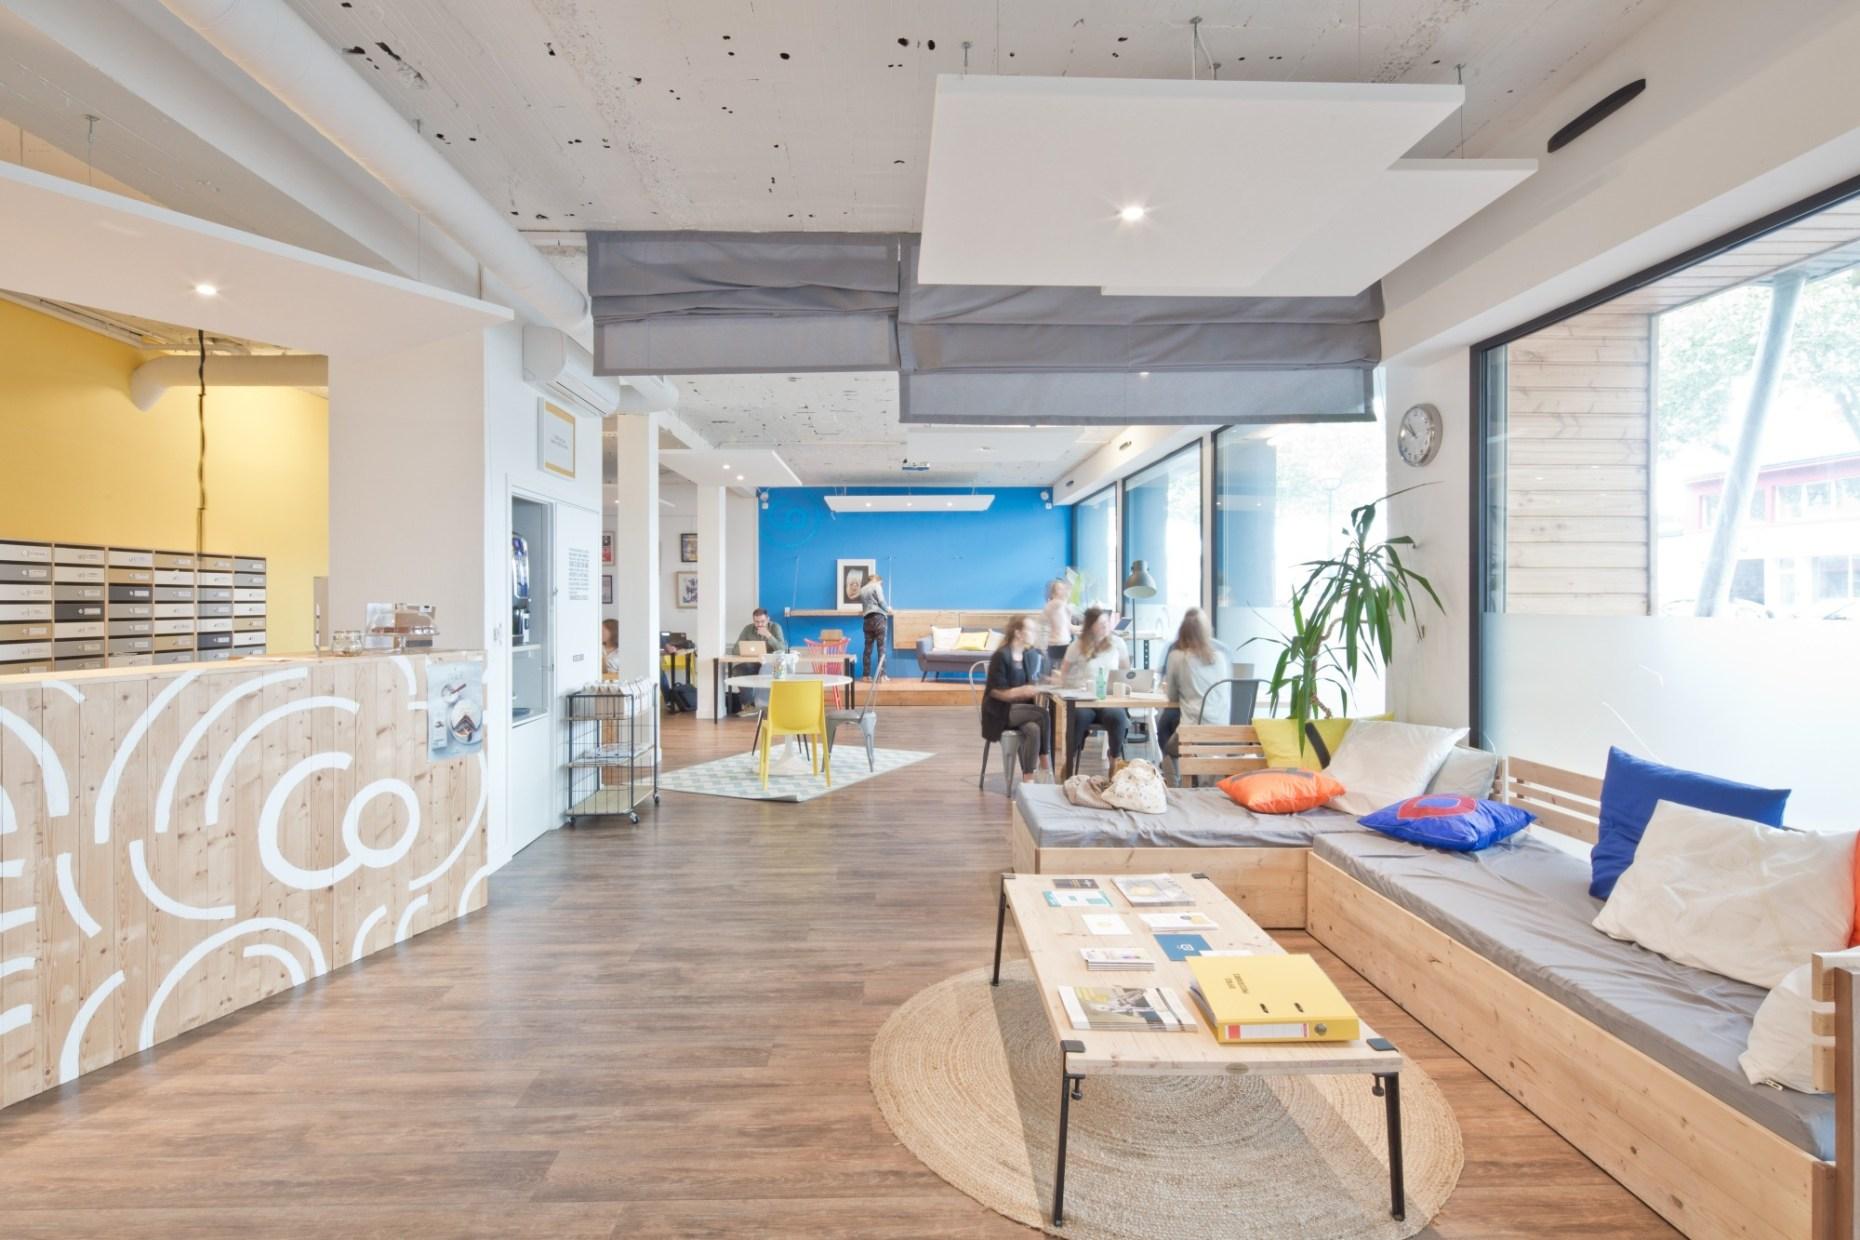 Espace de coworking rénové après consultation Archibien